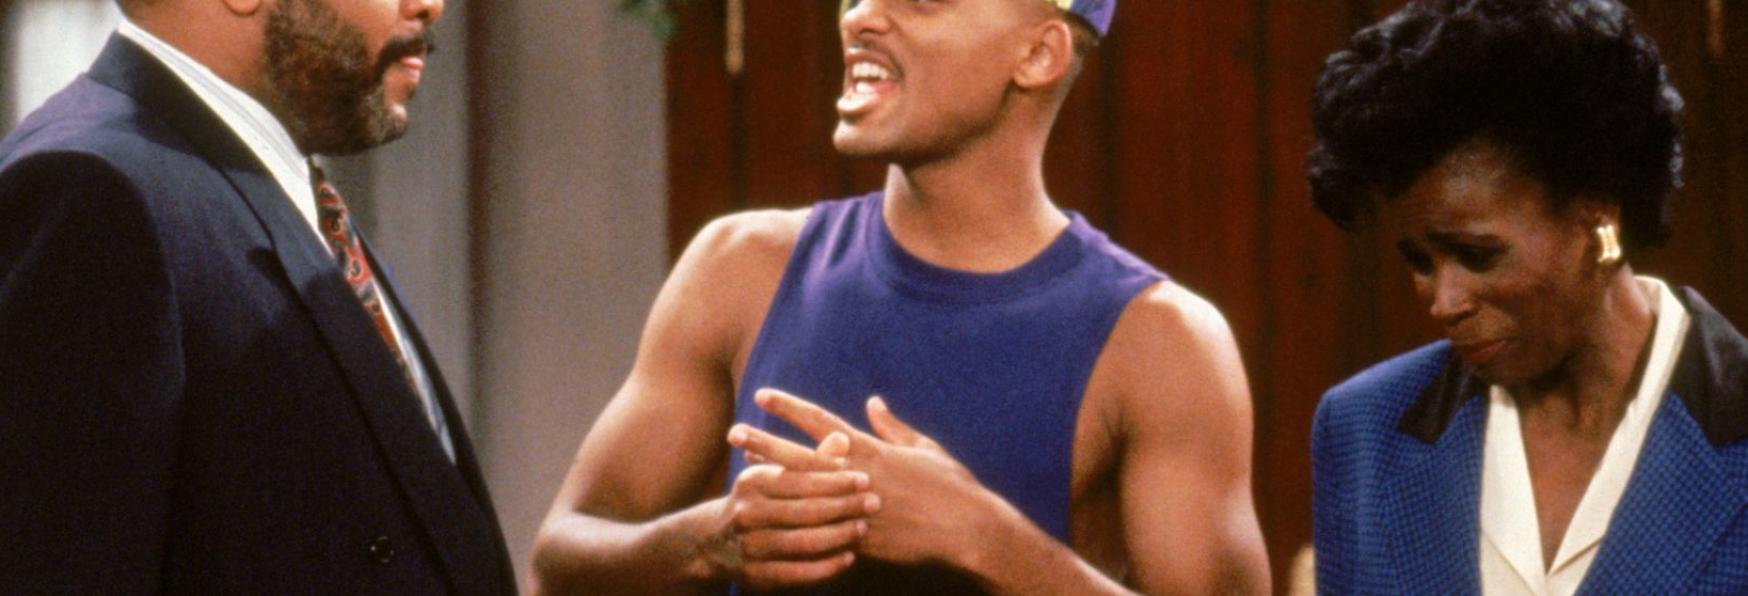 Willy, il Principe di Bel-Air: il Reboot sarà Completamente Diverso dalla Serie TV anni '90